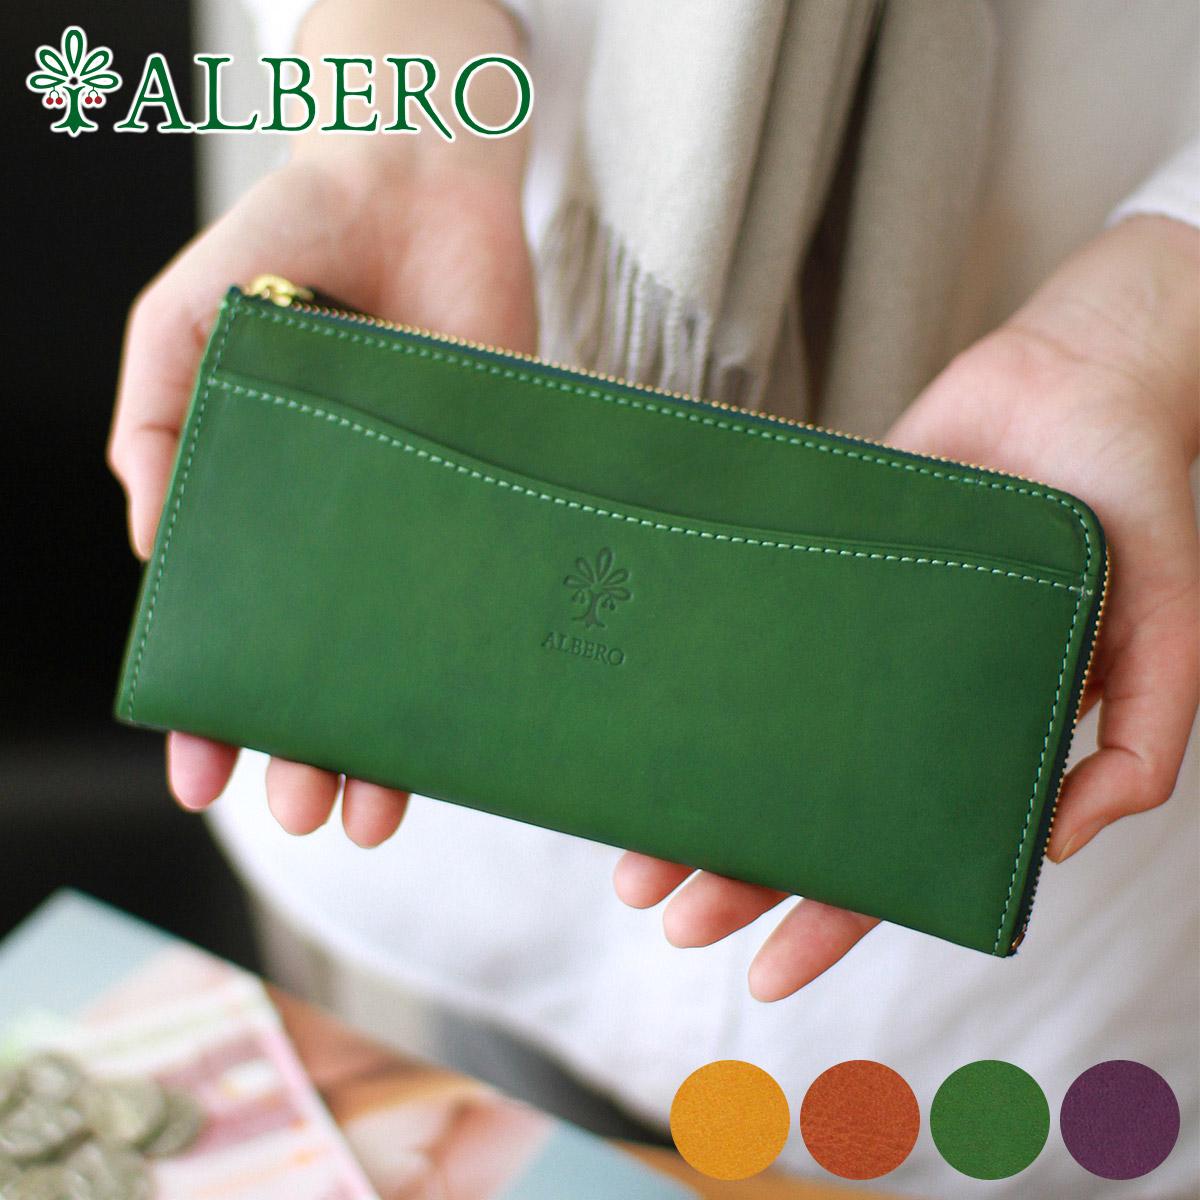 【選べるかわいいノベルティ付】 ALBERO アルベロ 長財布FLETTO(フレット) 小銭入れ付き長財布(L字ファスナー式) 4823レディース 長財布 本革 財布 長財布 日本製 ギフト かわいい おしゃれ プレゼント